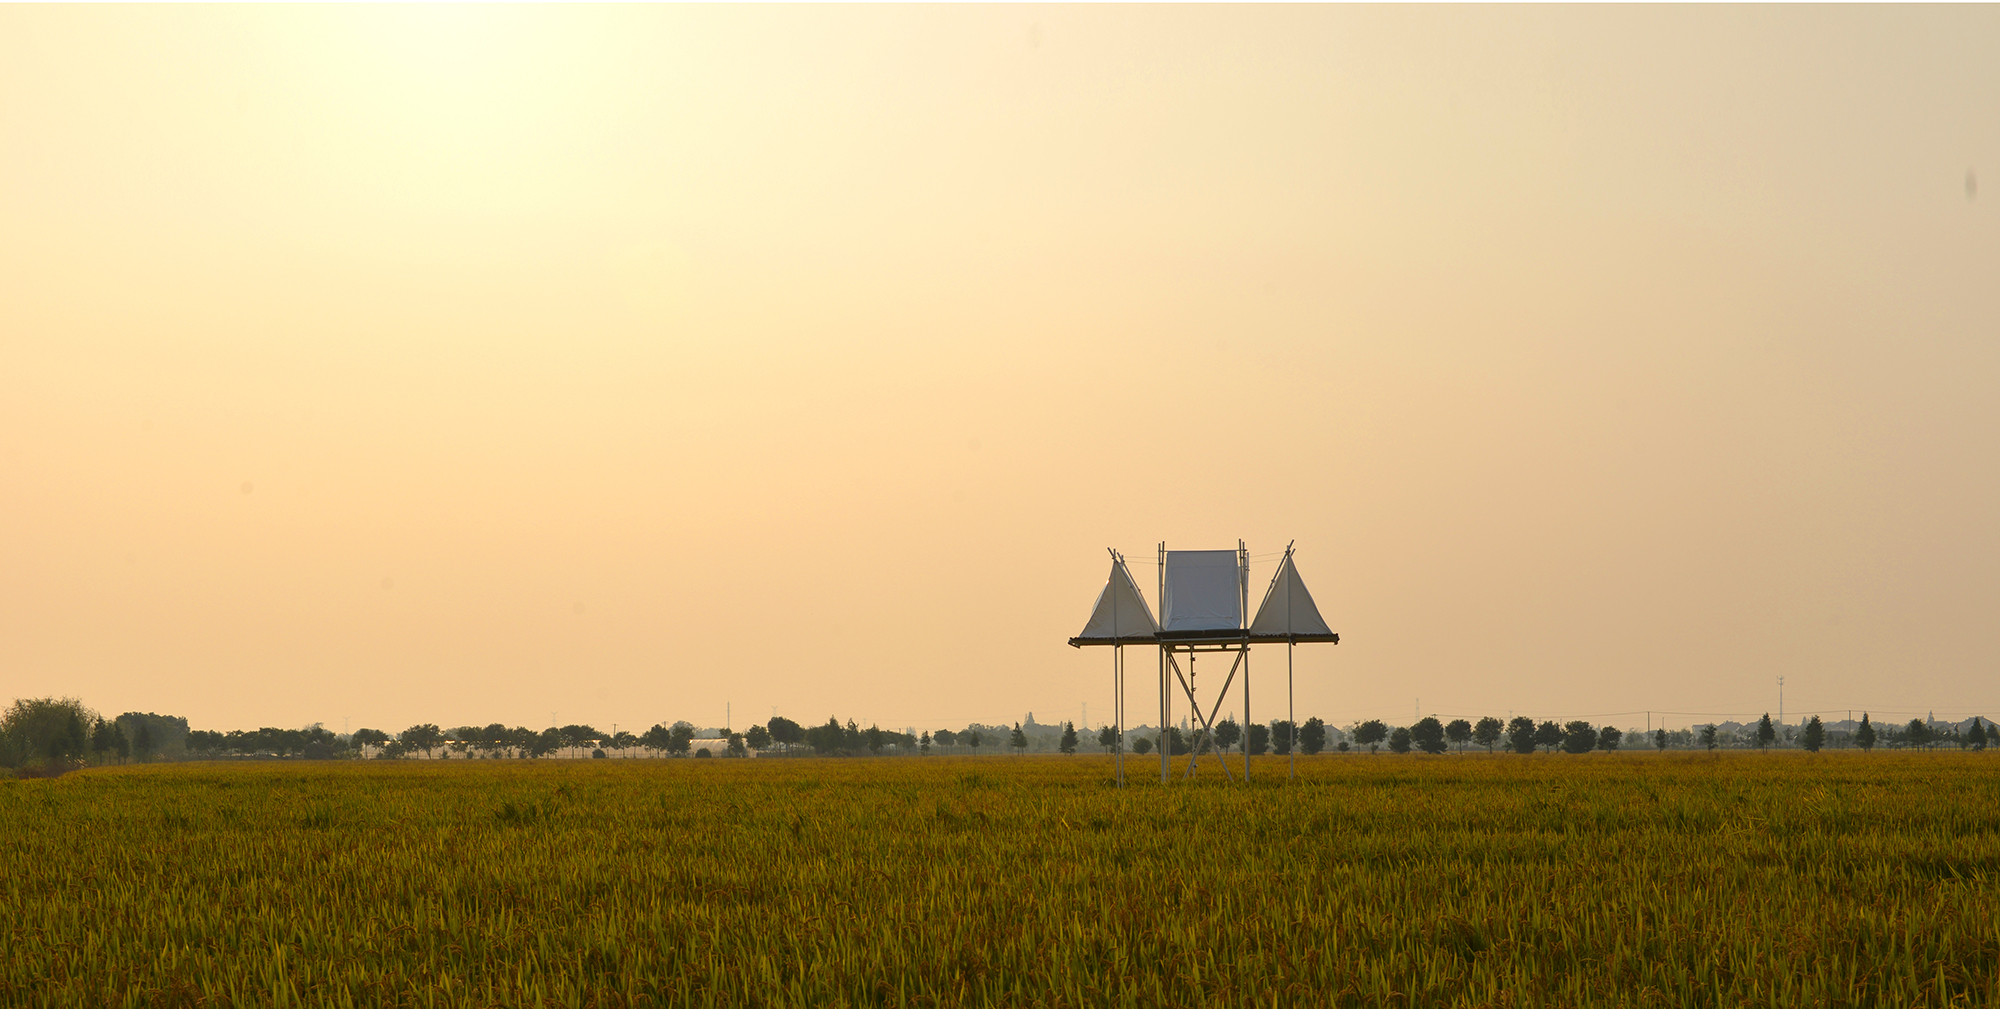 G-稻田与漂浮的庇护所 (4)